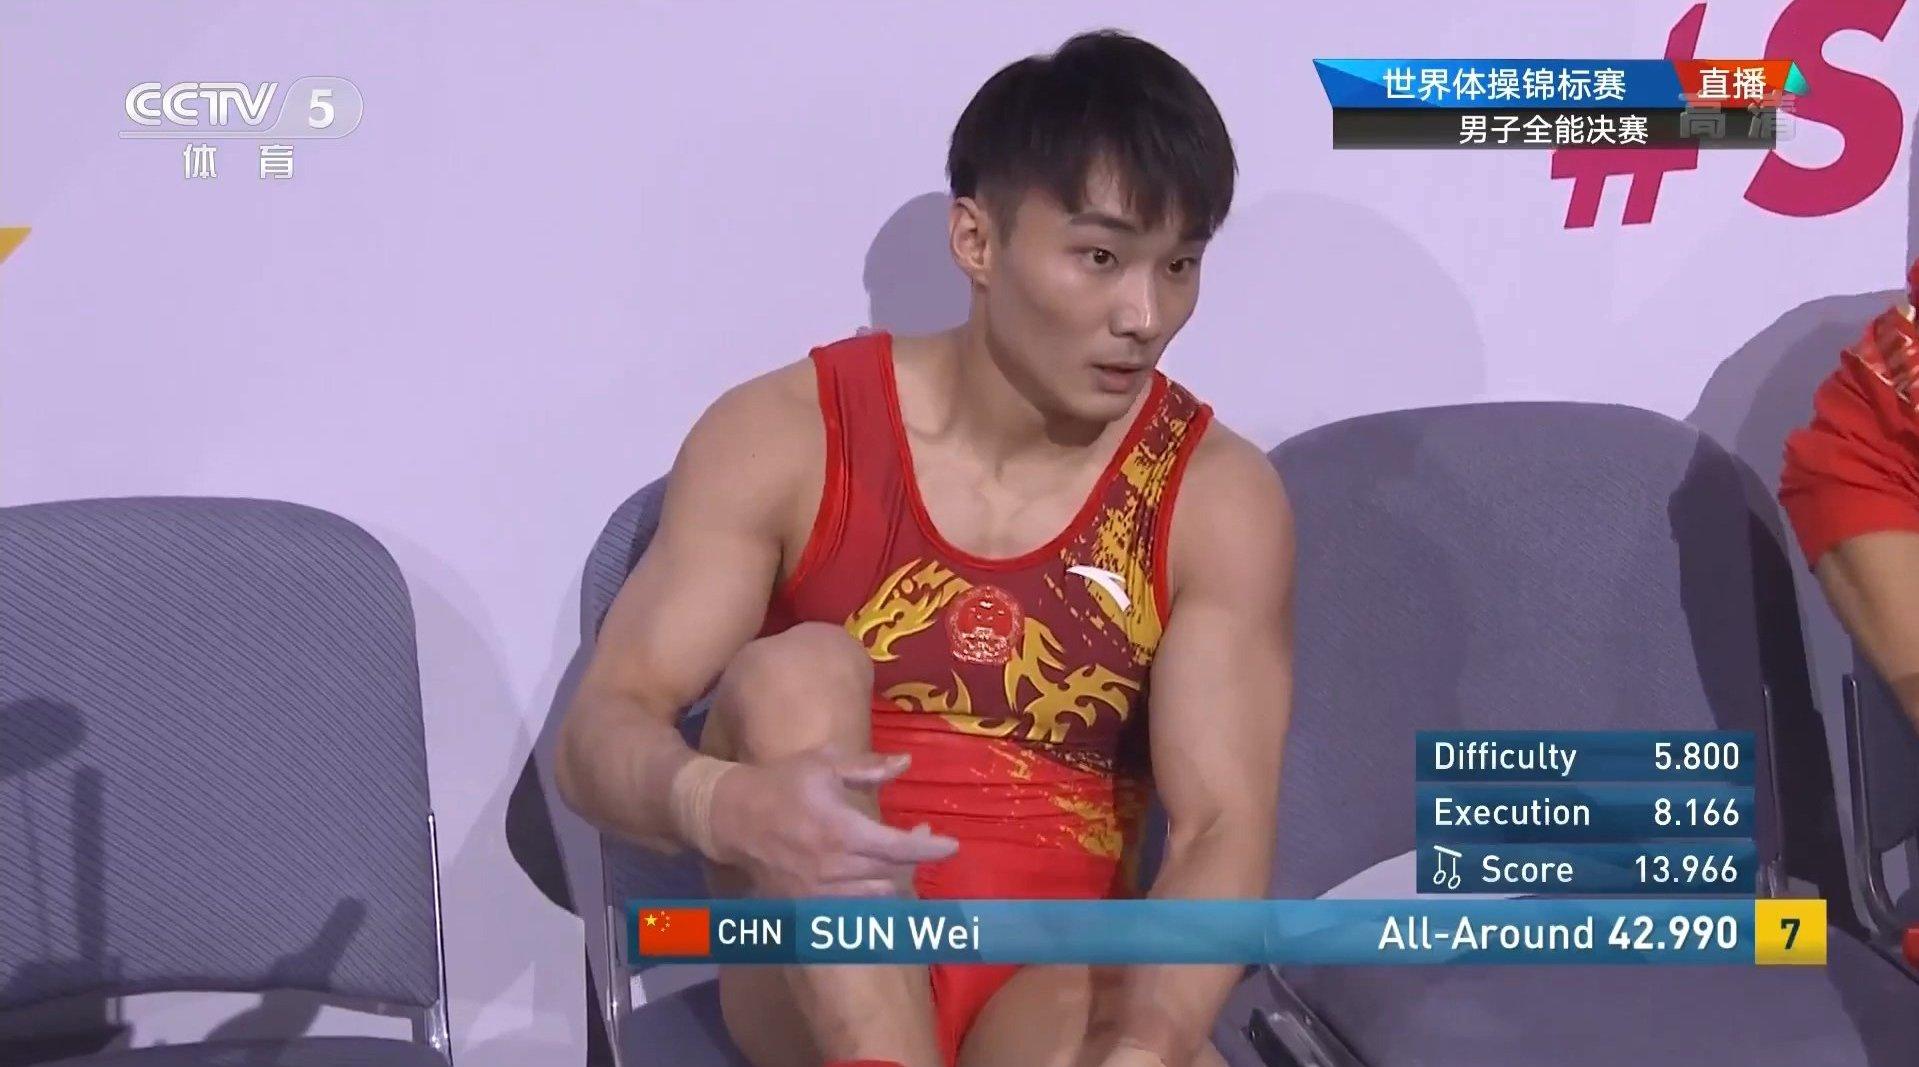 男子全能决赛 第三轮 吊环 肖若腾和孙炜虽非最佳状态